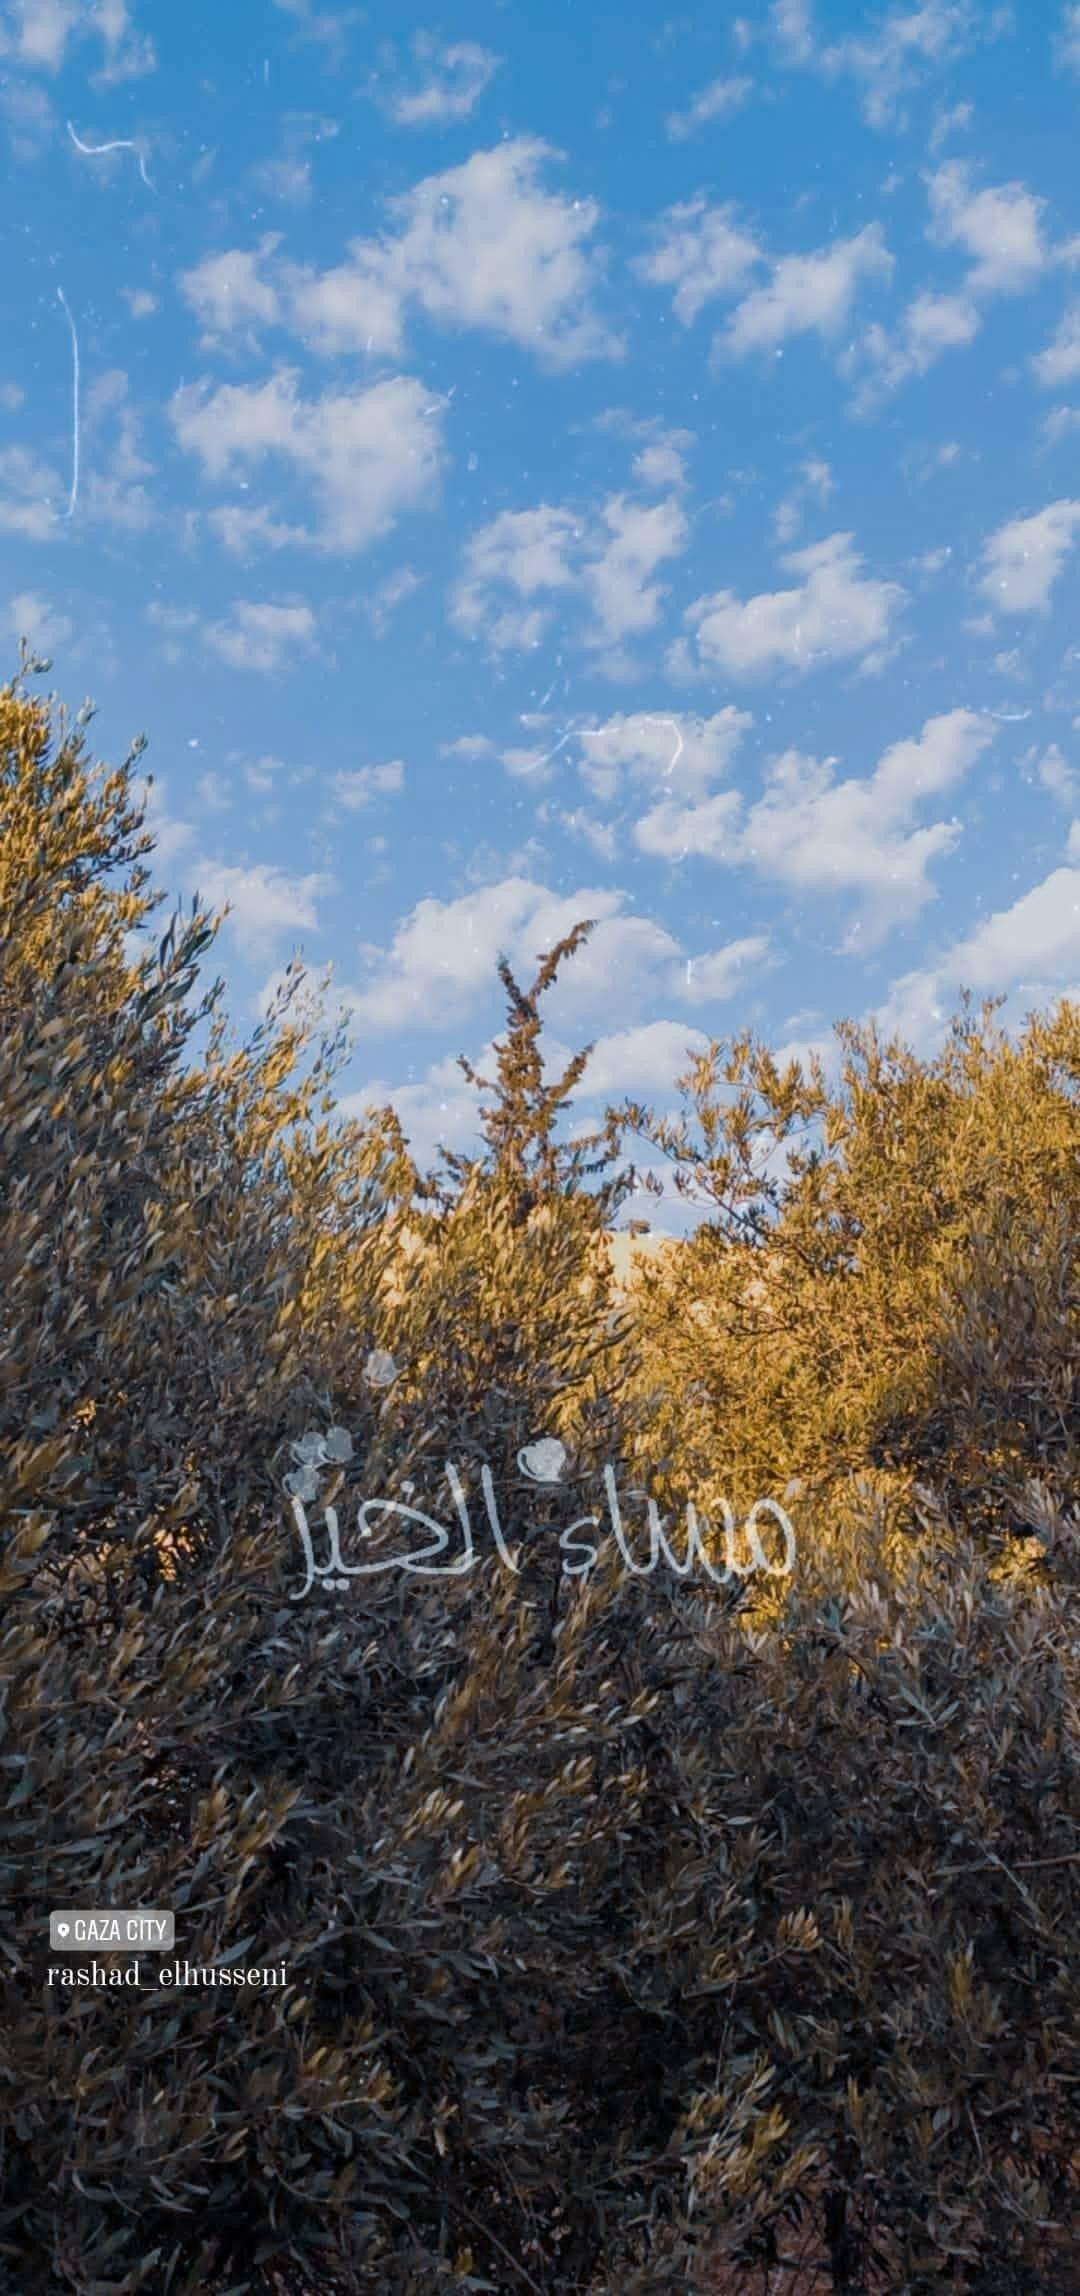 ورد أصفر طبيعة شجر اصفر غزة طبيعة جميل فلسطين القدس كلام تصوير صور ابيض صباح خير صل Instagram Nature Instagram Photo